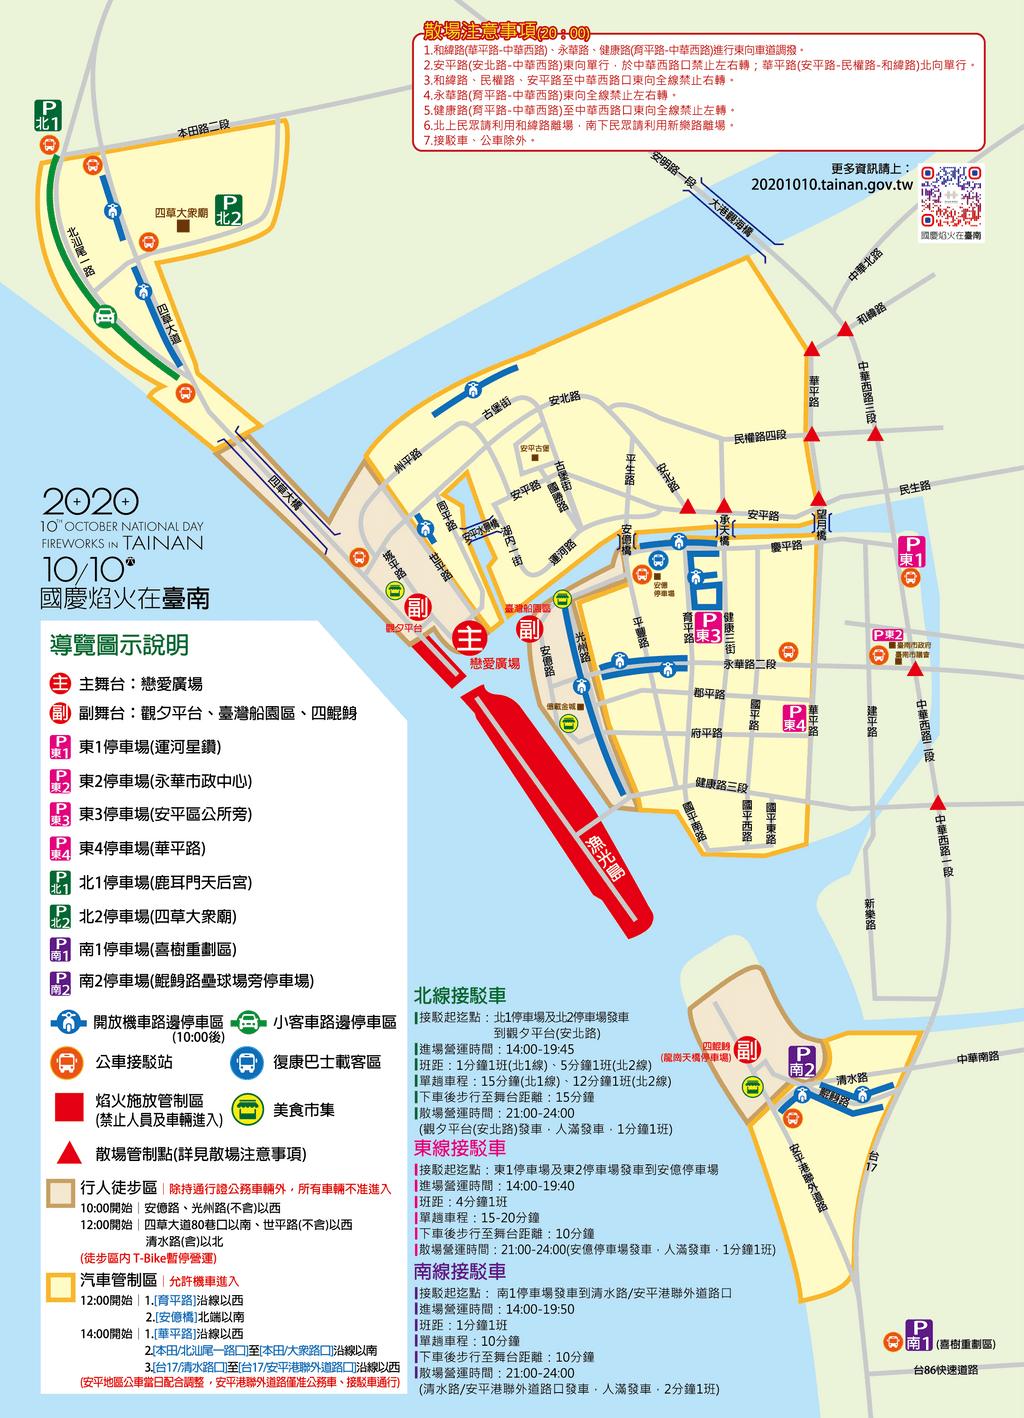 2020國慶煙火展區配置